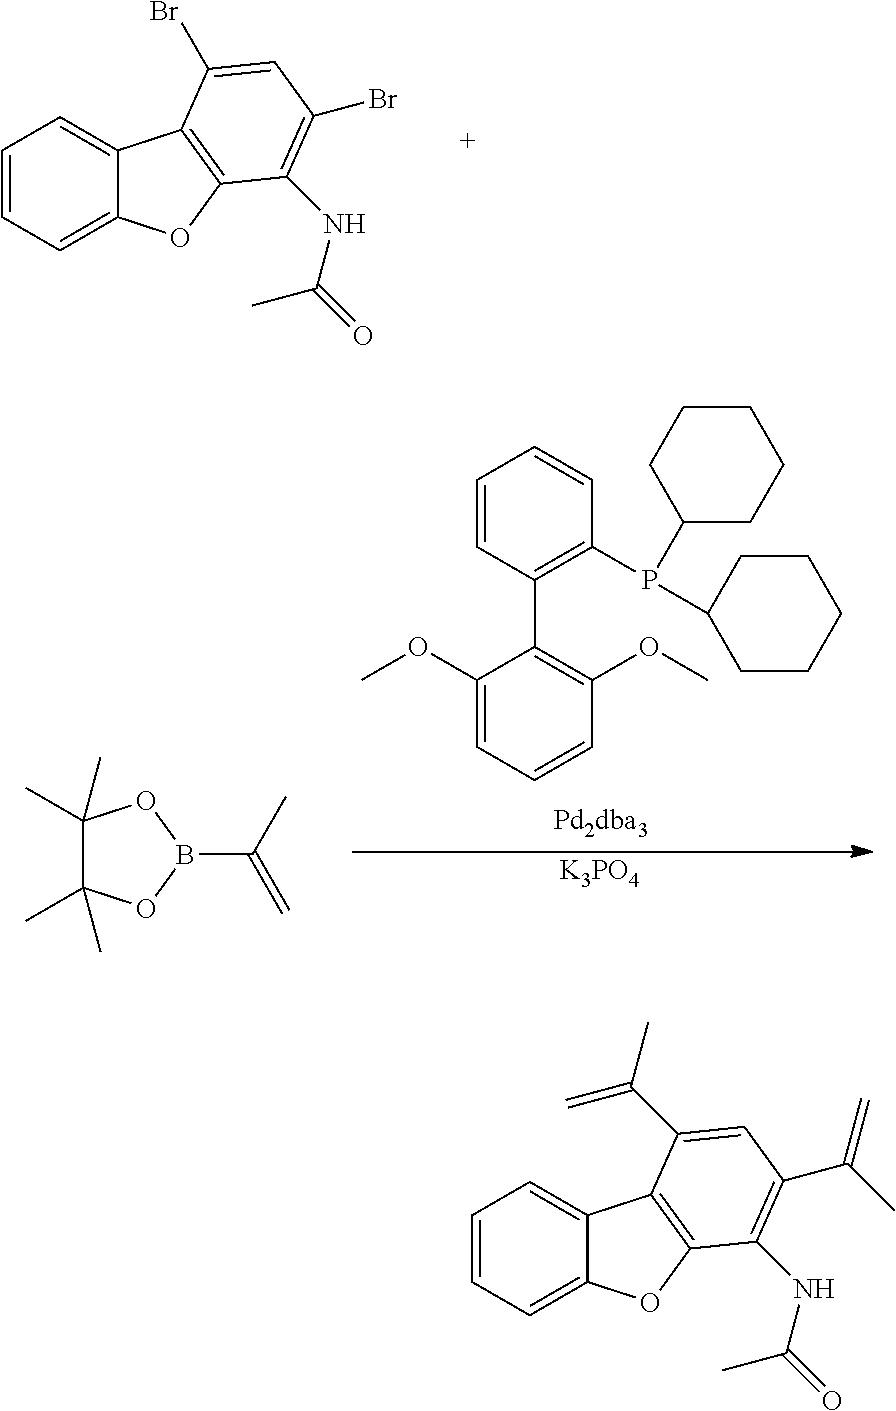 Figure US20110204333A1-20110825-C00229